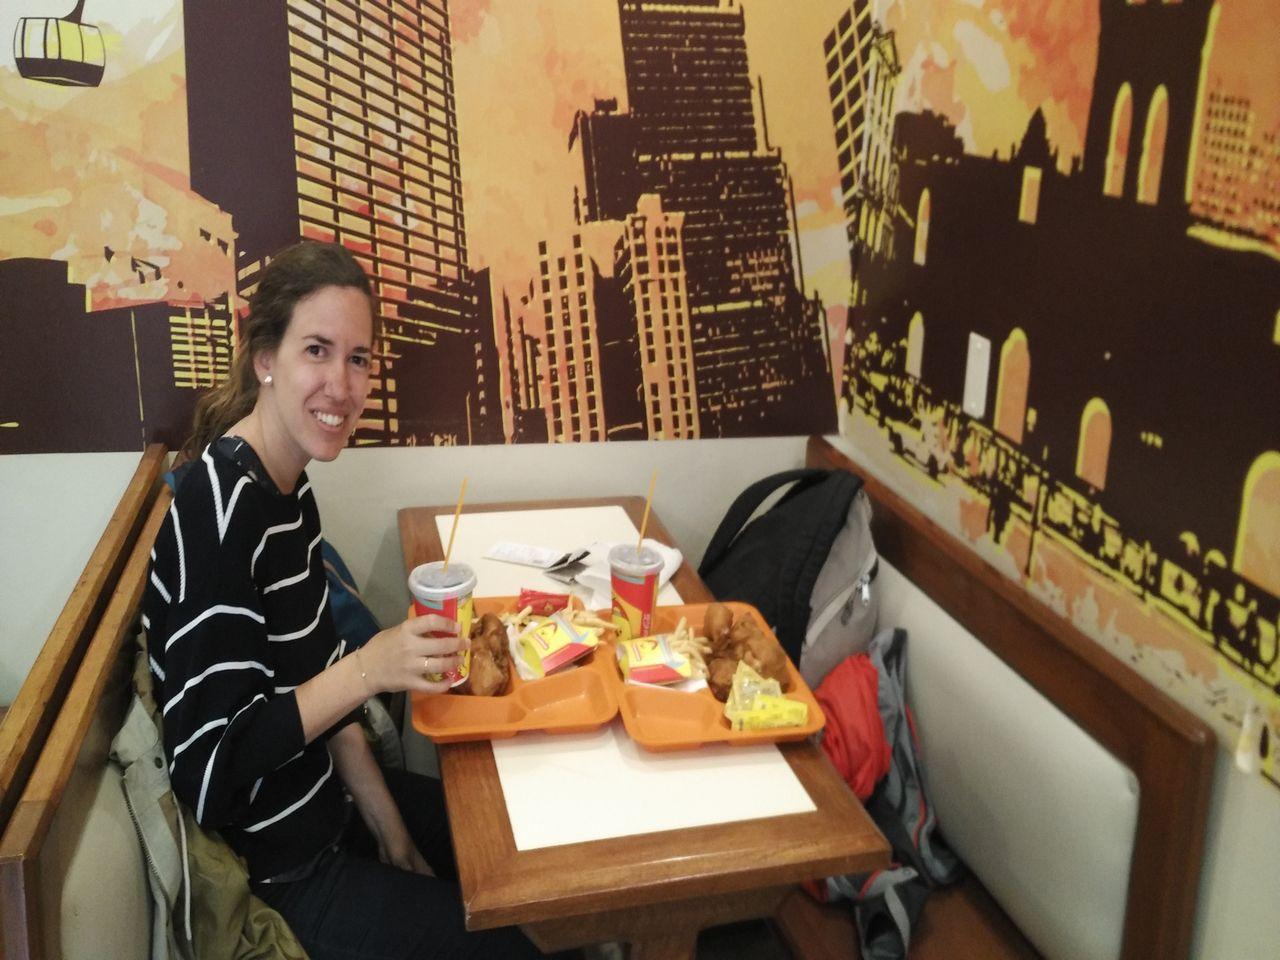 Si vas con prisa o simplemente quieres probar la comida rápida boliviana, ve a Pollos Copacabana.